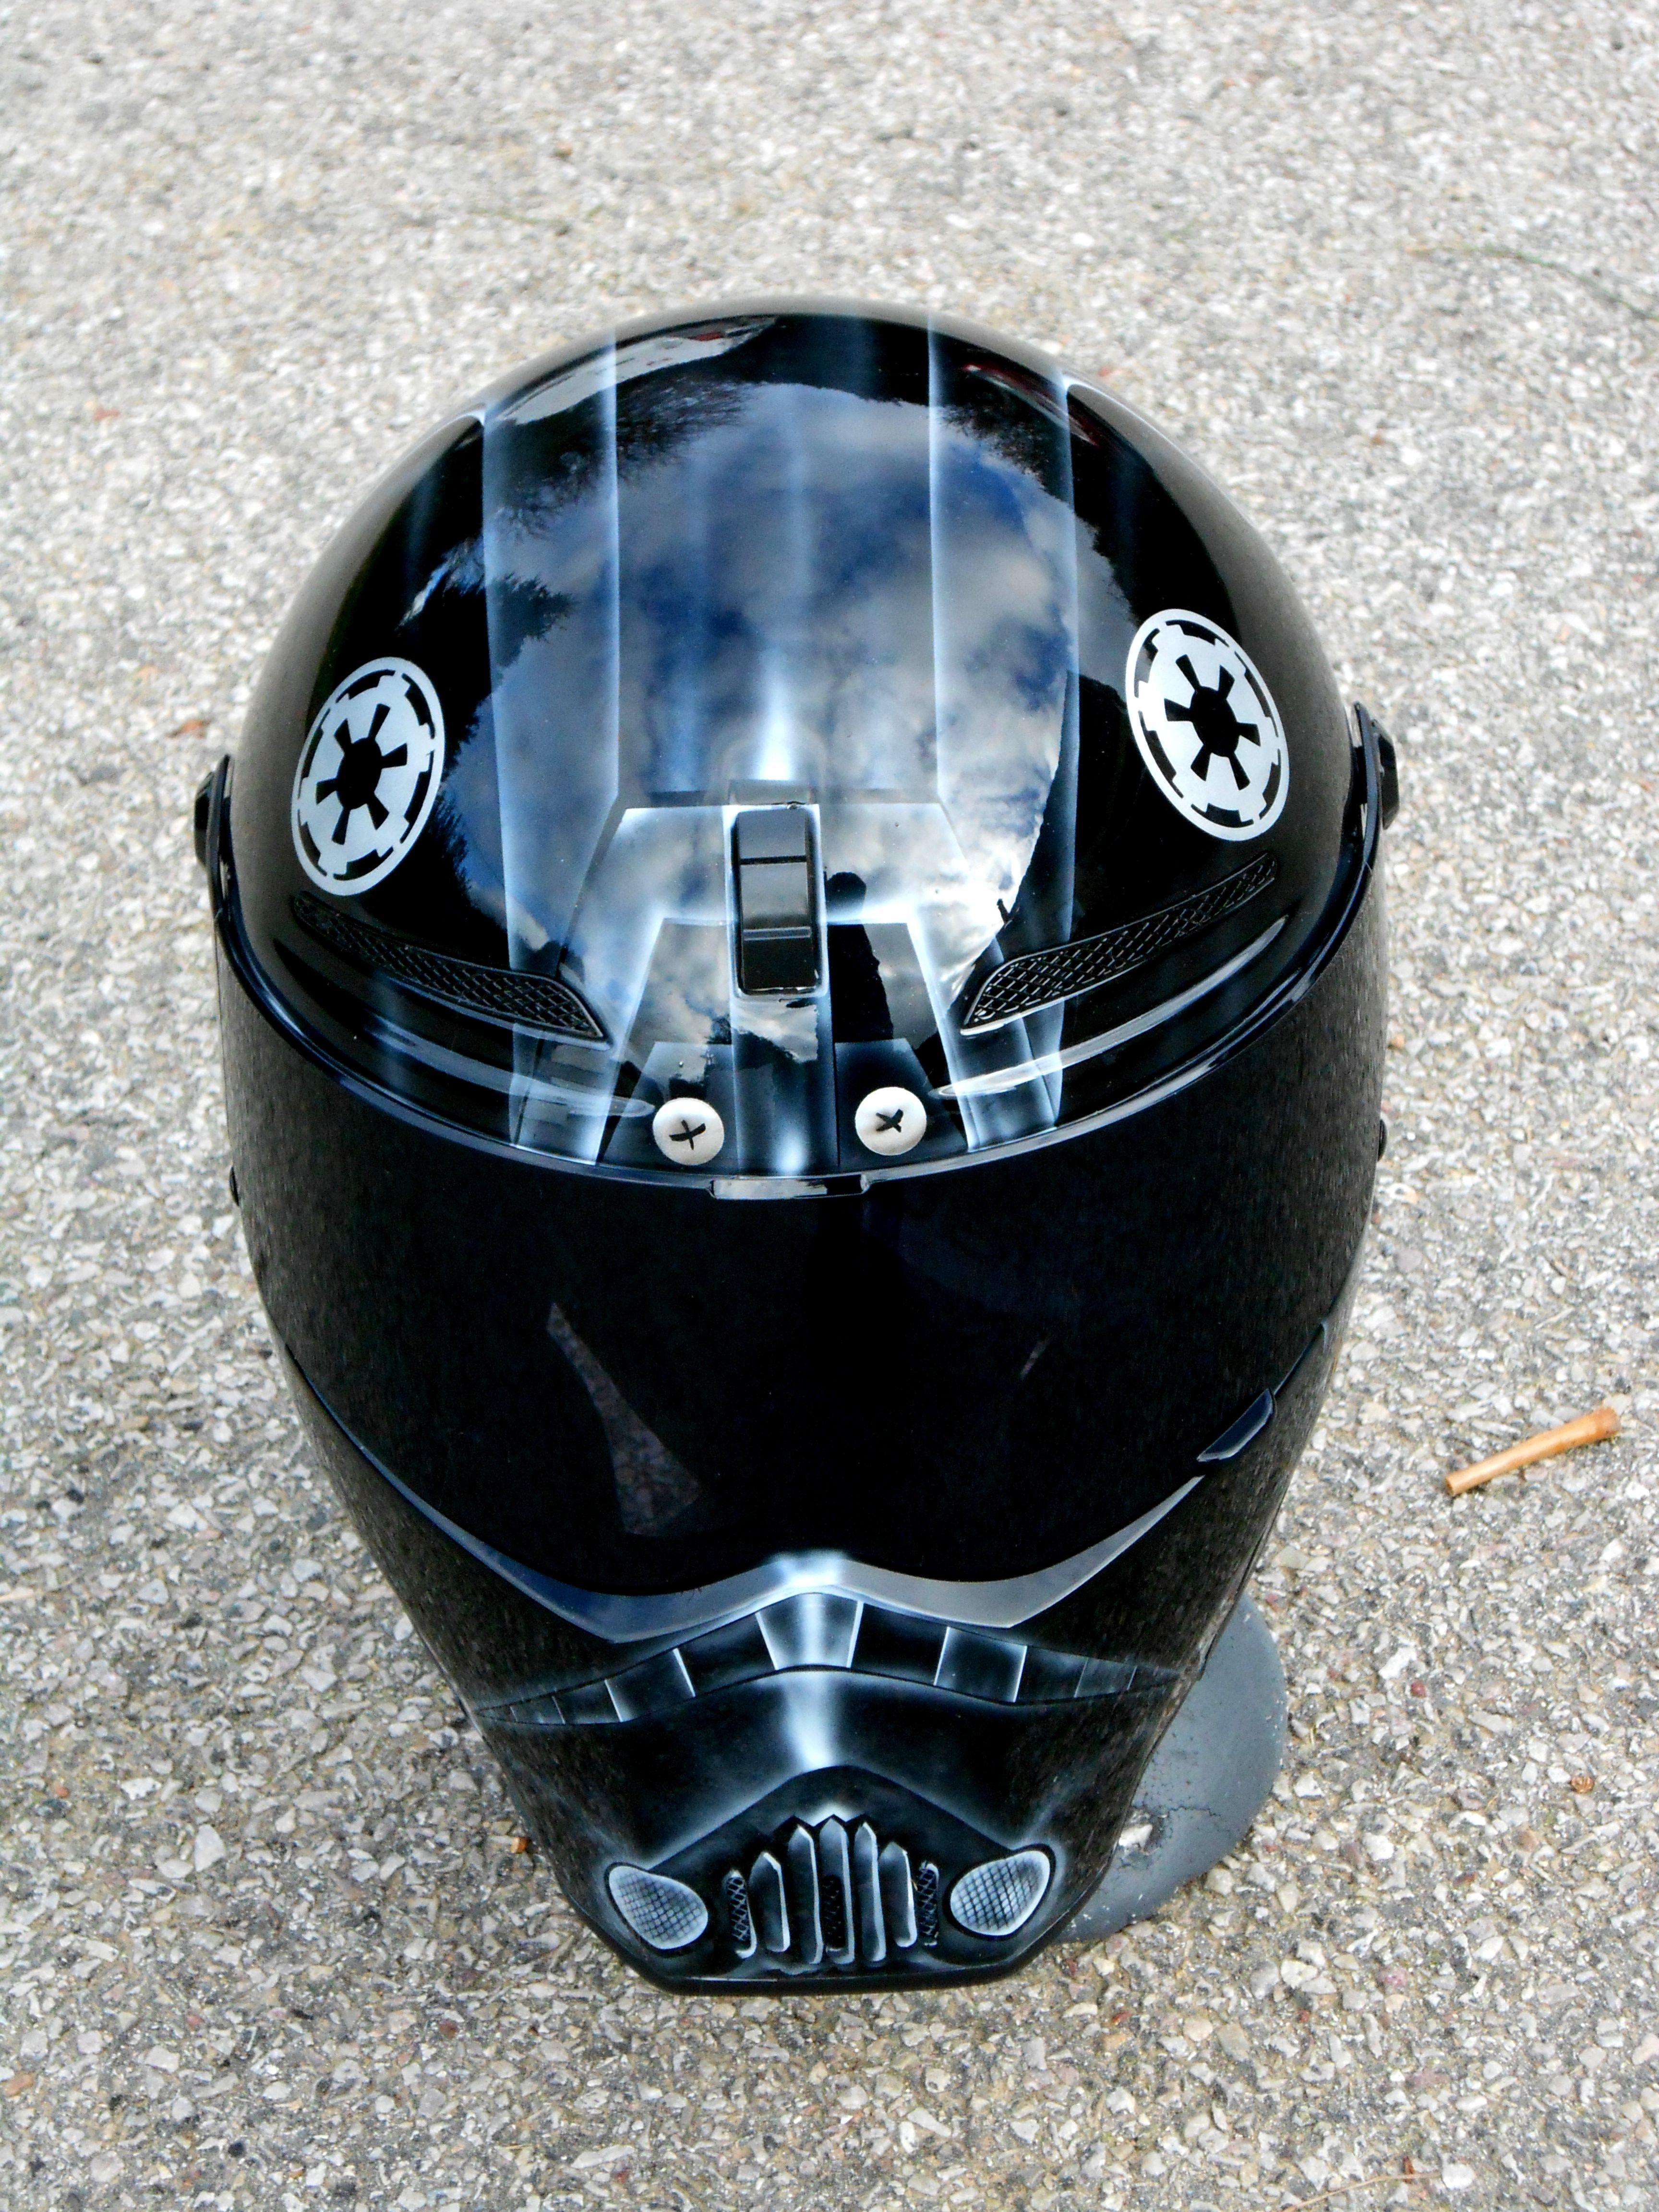 Starwars Tie fighter pilot helmet - Just Airbrush Tie Fighter Pilot Helmet